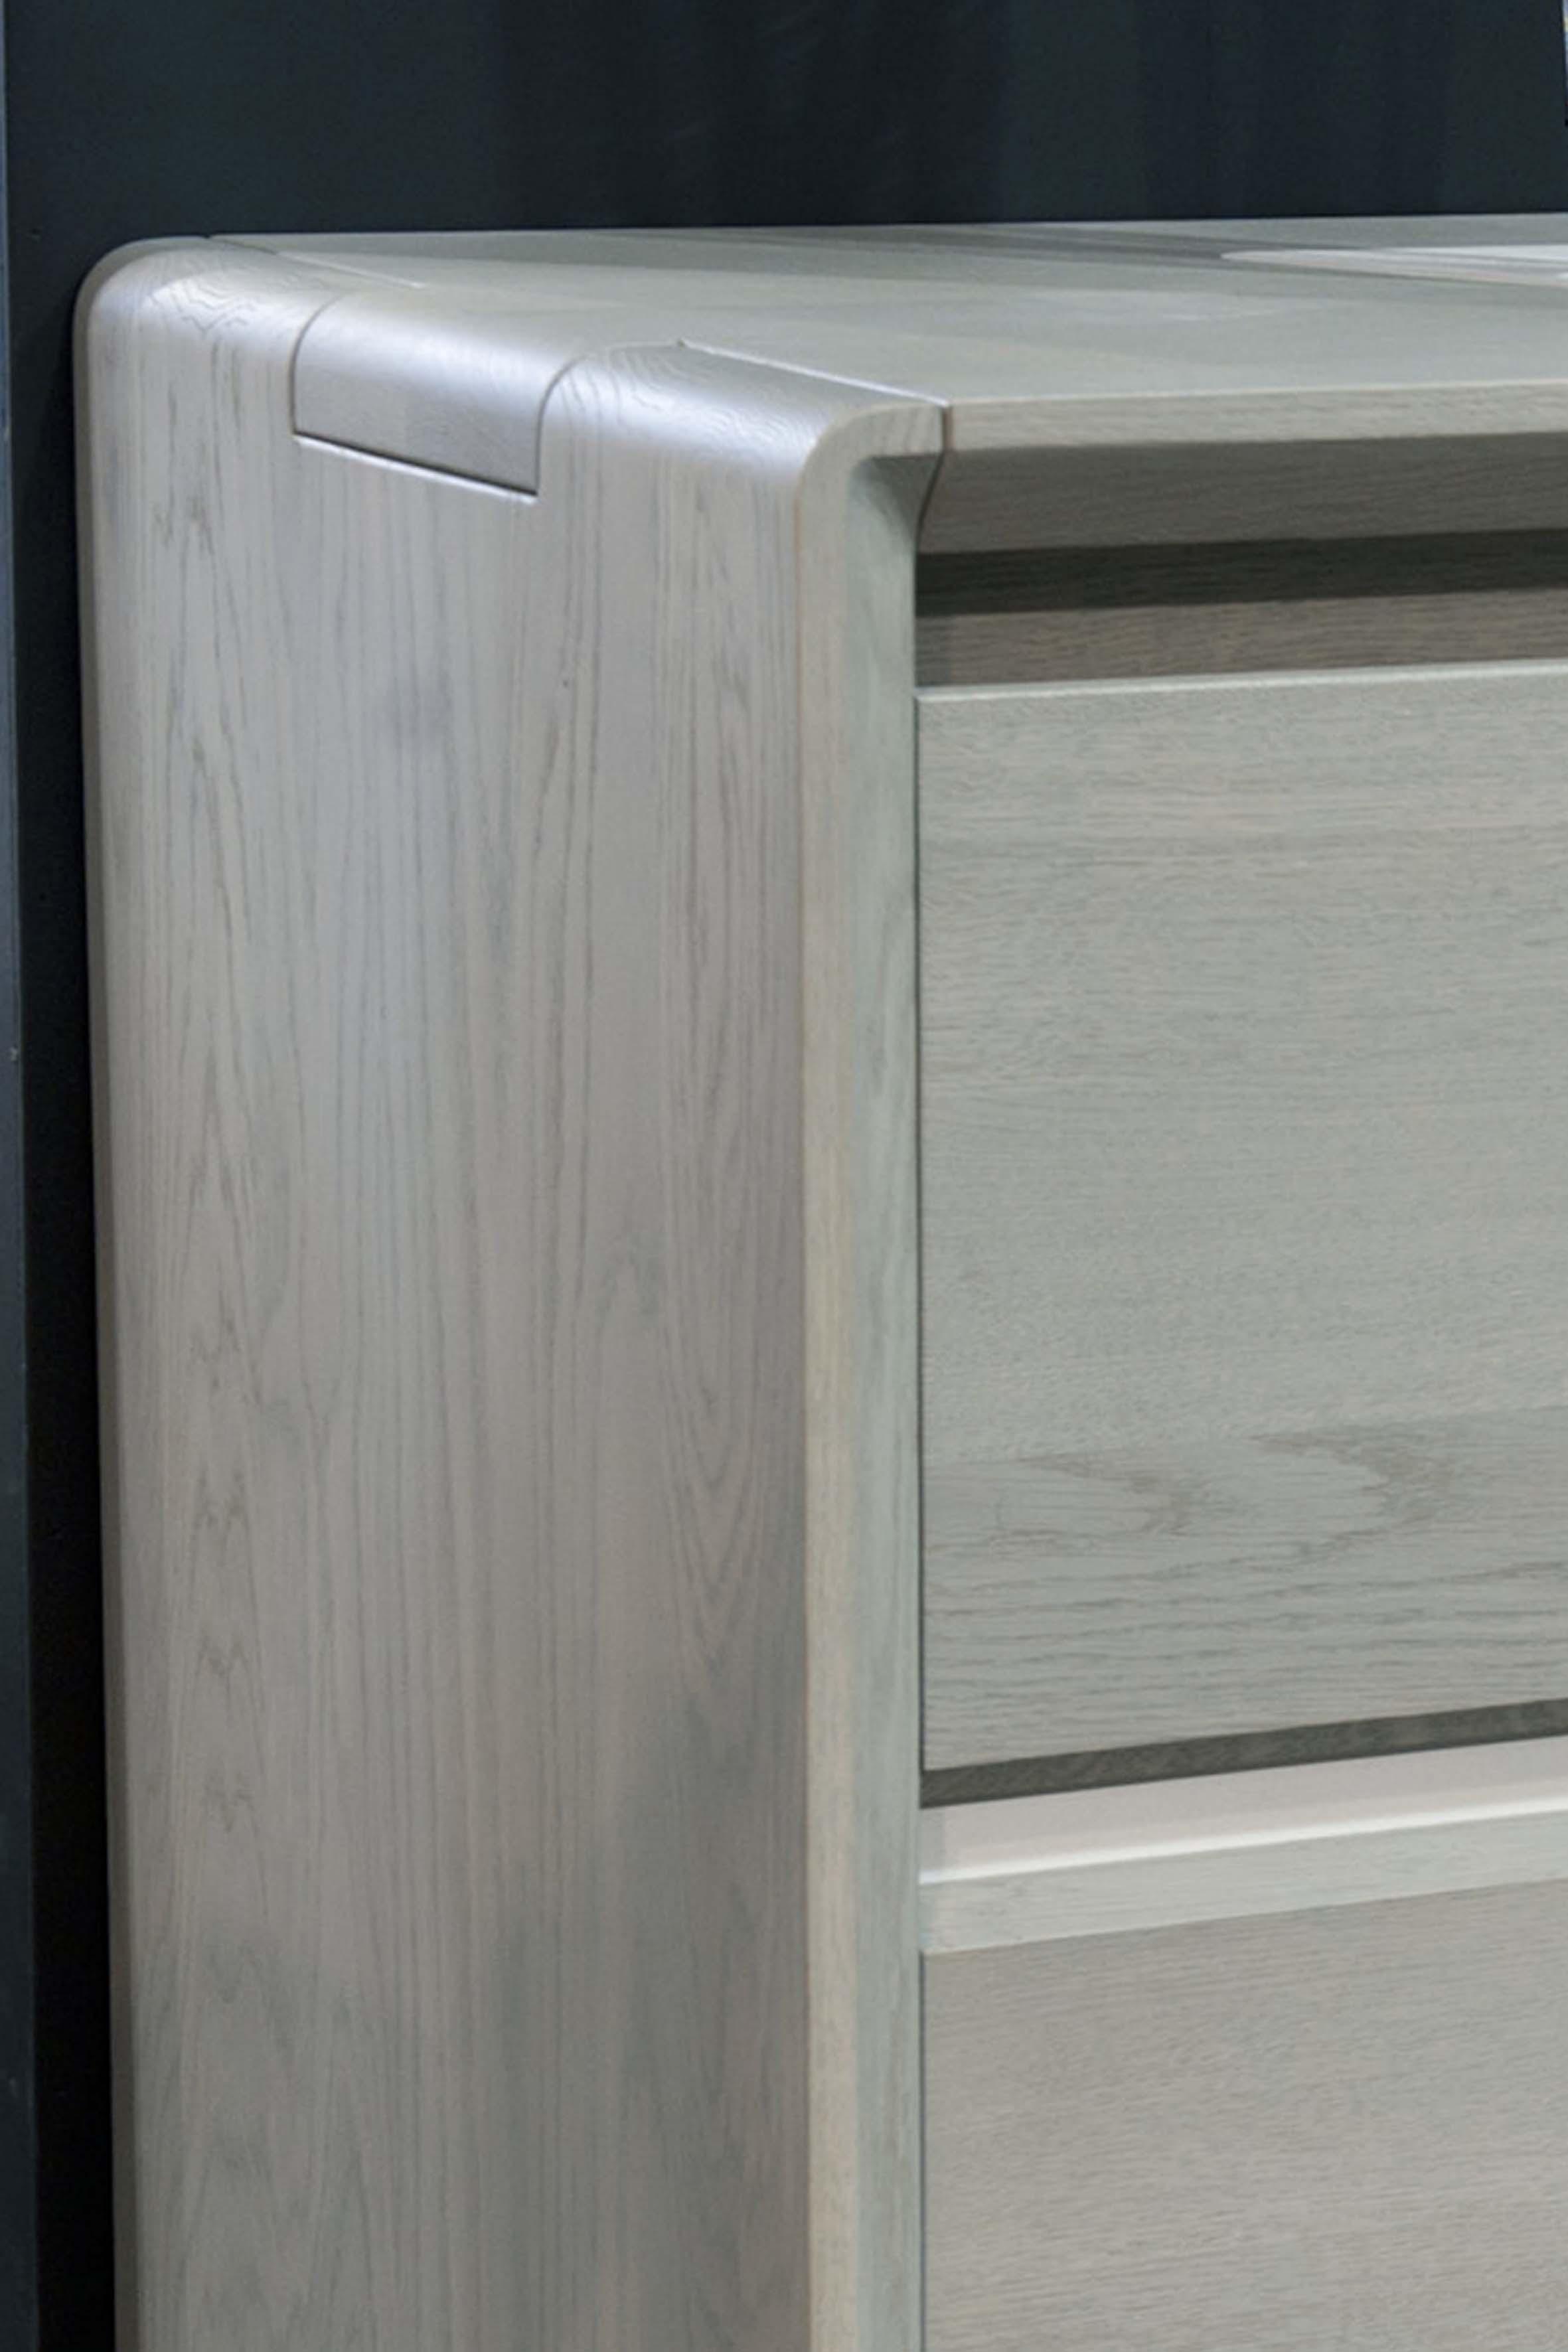 bahut c ram 3 portes ce430gm. Black Bedroom Furniture Sets. Home Design Ideas